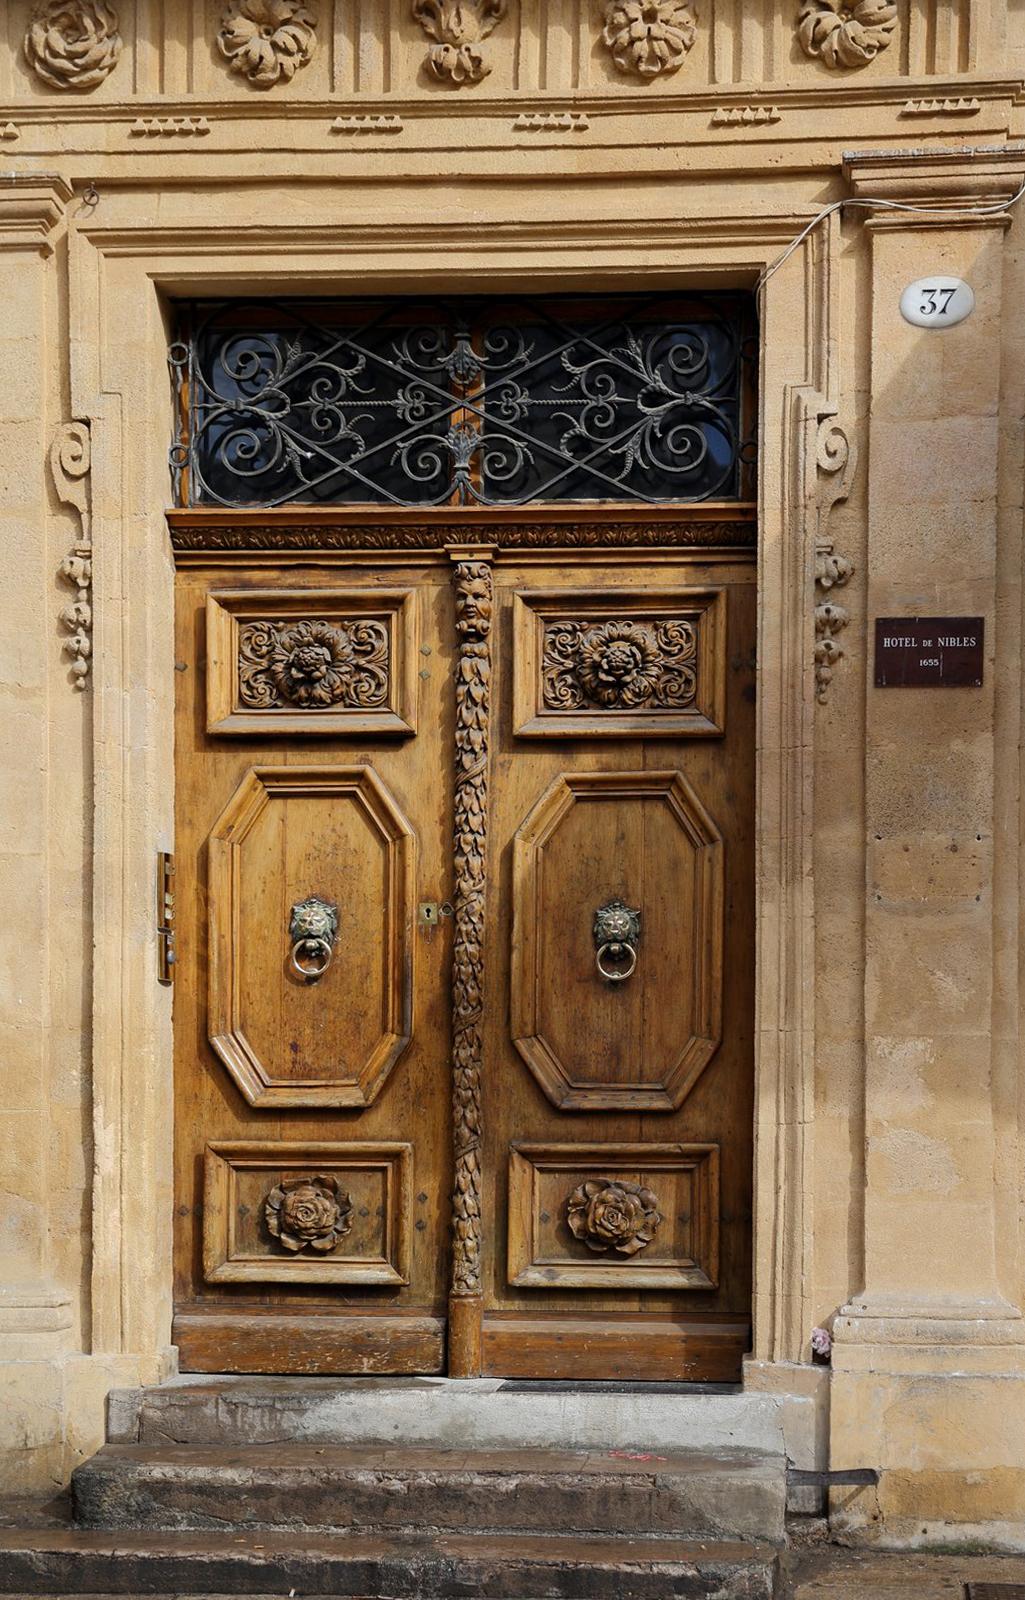 Hôtel de Nibles et Vitrolles